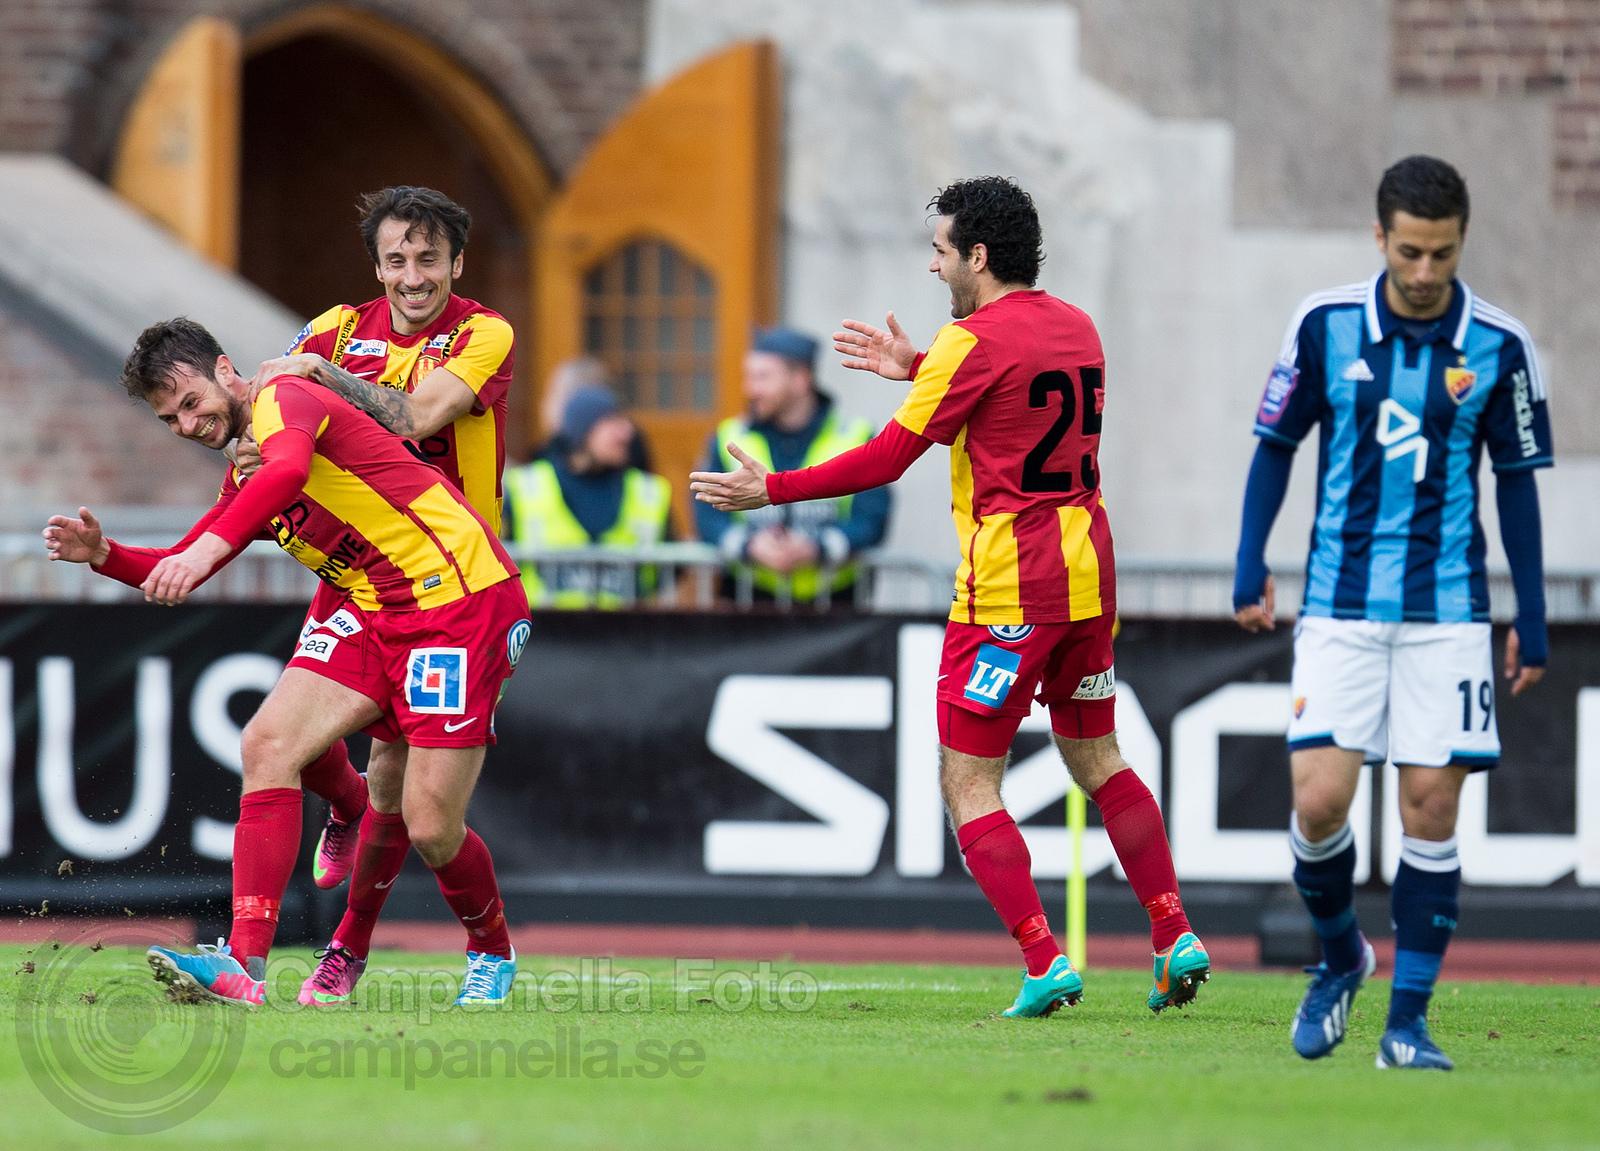 Djurgårdens IF - Syrianska FC - 8 of 9